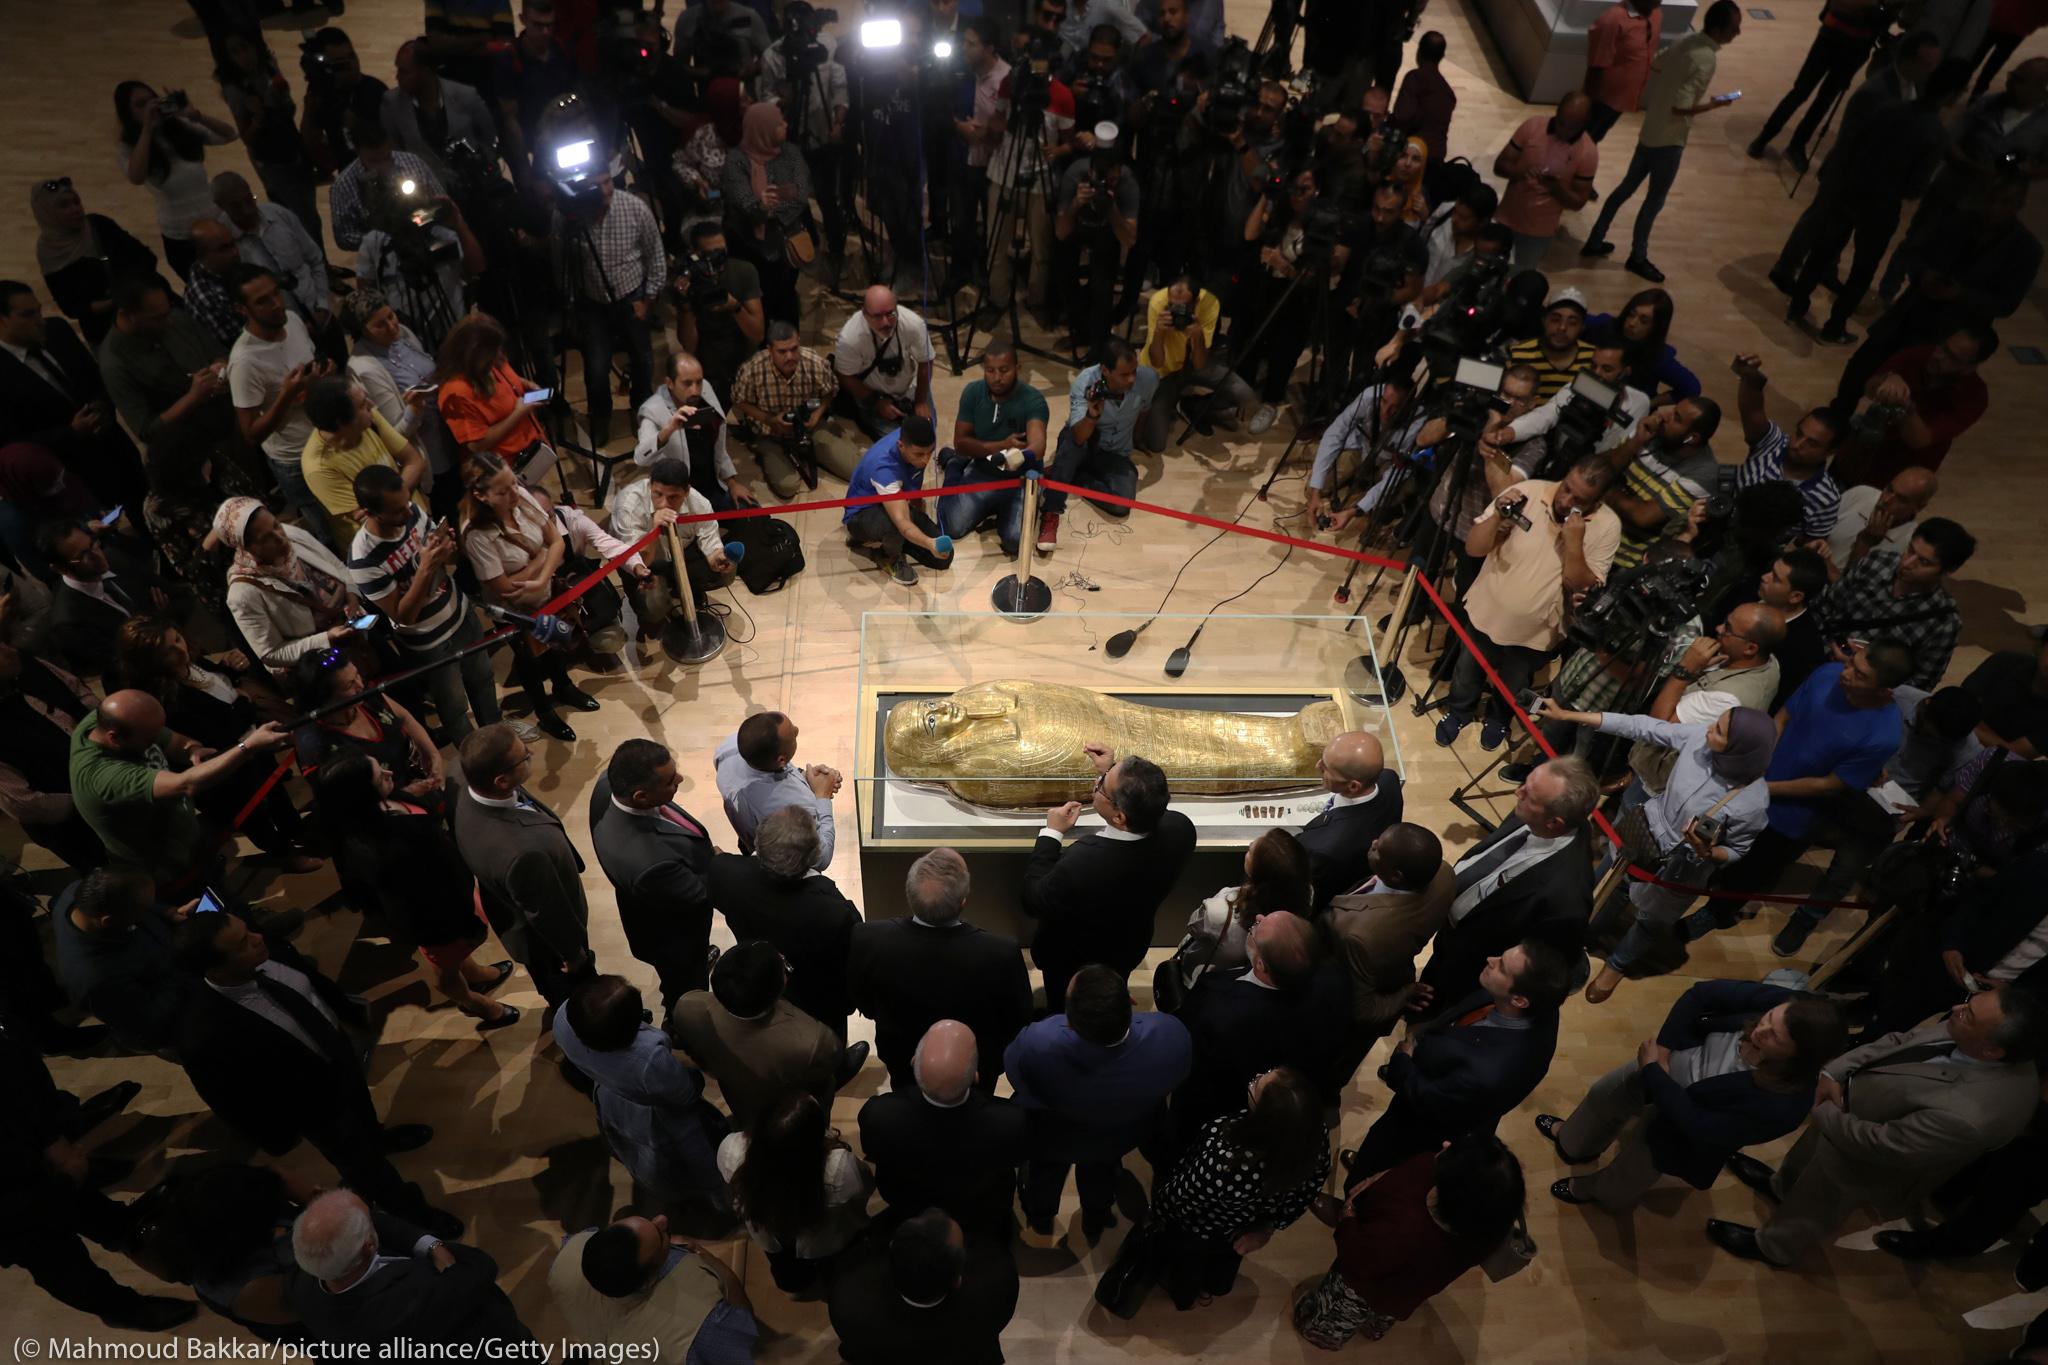 Multidão se reúne em museu para ver sarcófago de ouro de uma múmia (© Mahmoud Bakkar/picture alliance/Getty Images)